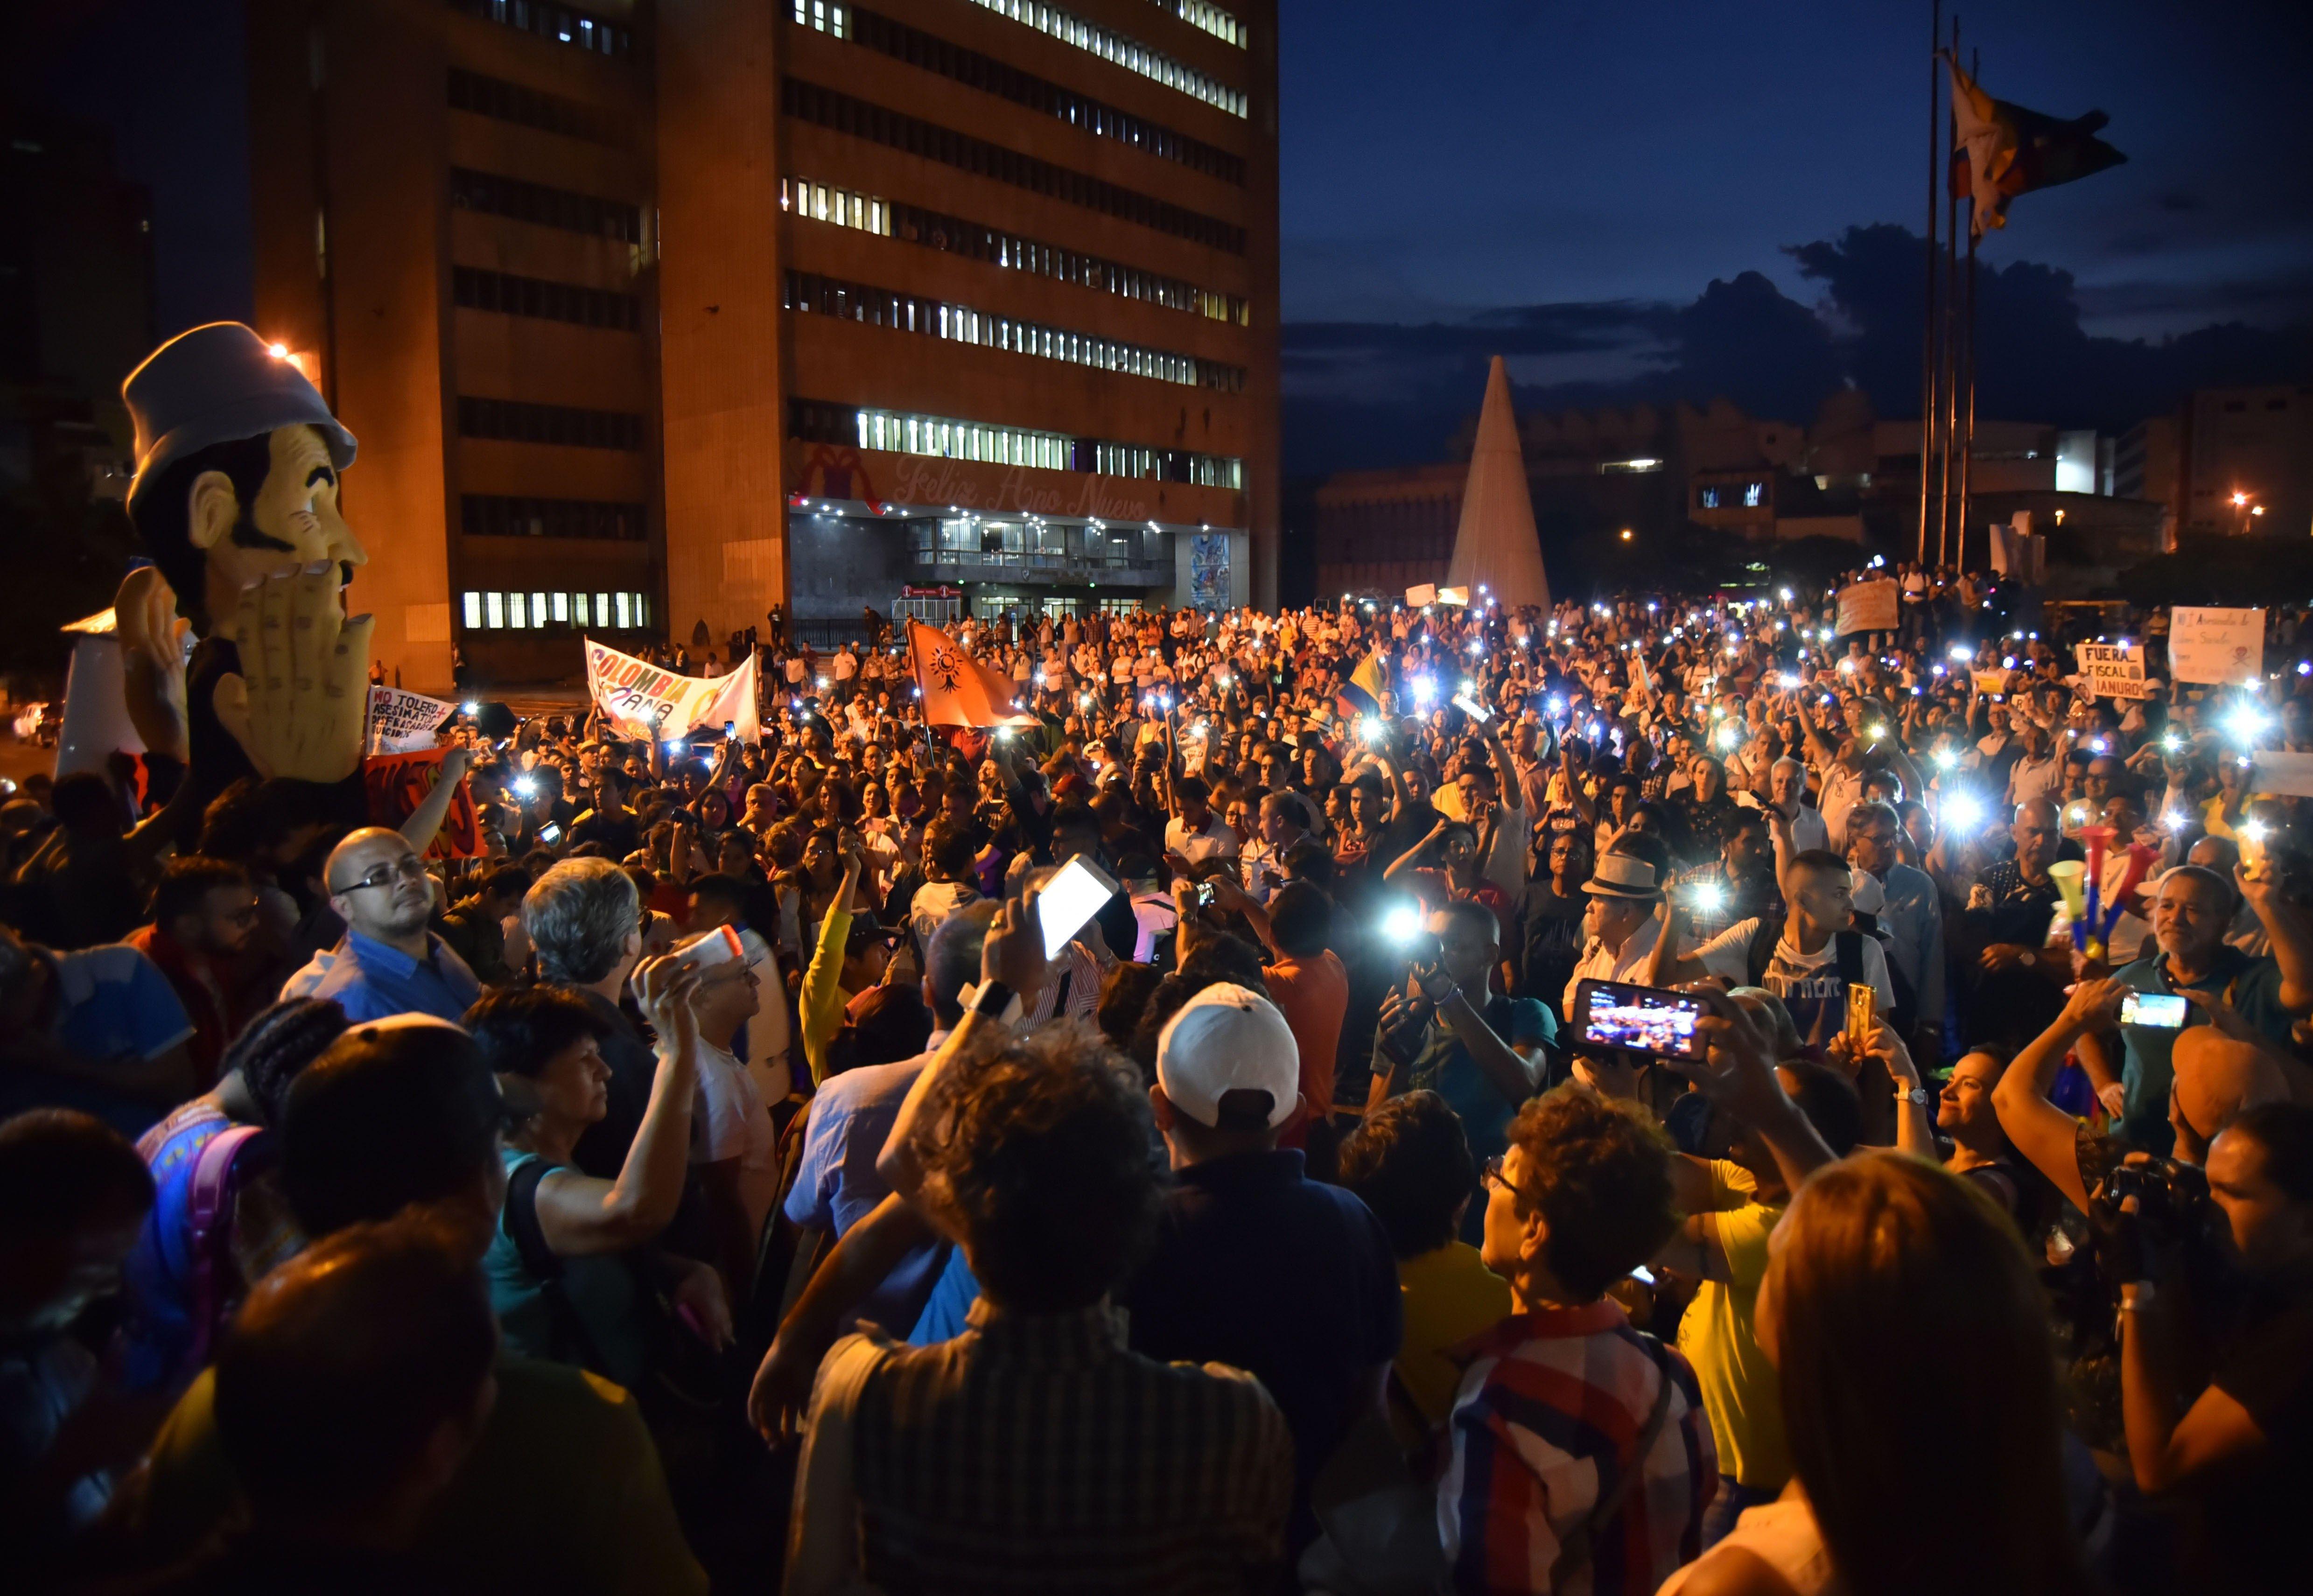 Cientos de manifestantes participaron de una protesta para exigir la renuncia del fiscal general de Colombia, Néstor Humberto Martínez, por el escándalo de corrupción de Odebrecht. (EFE/ Ernesto Guzman)